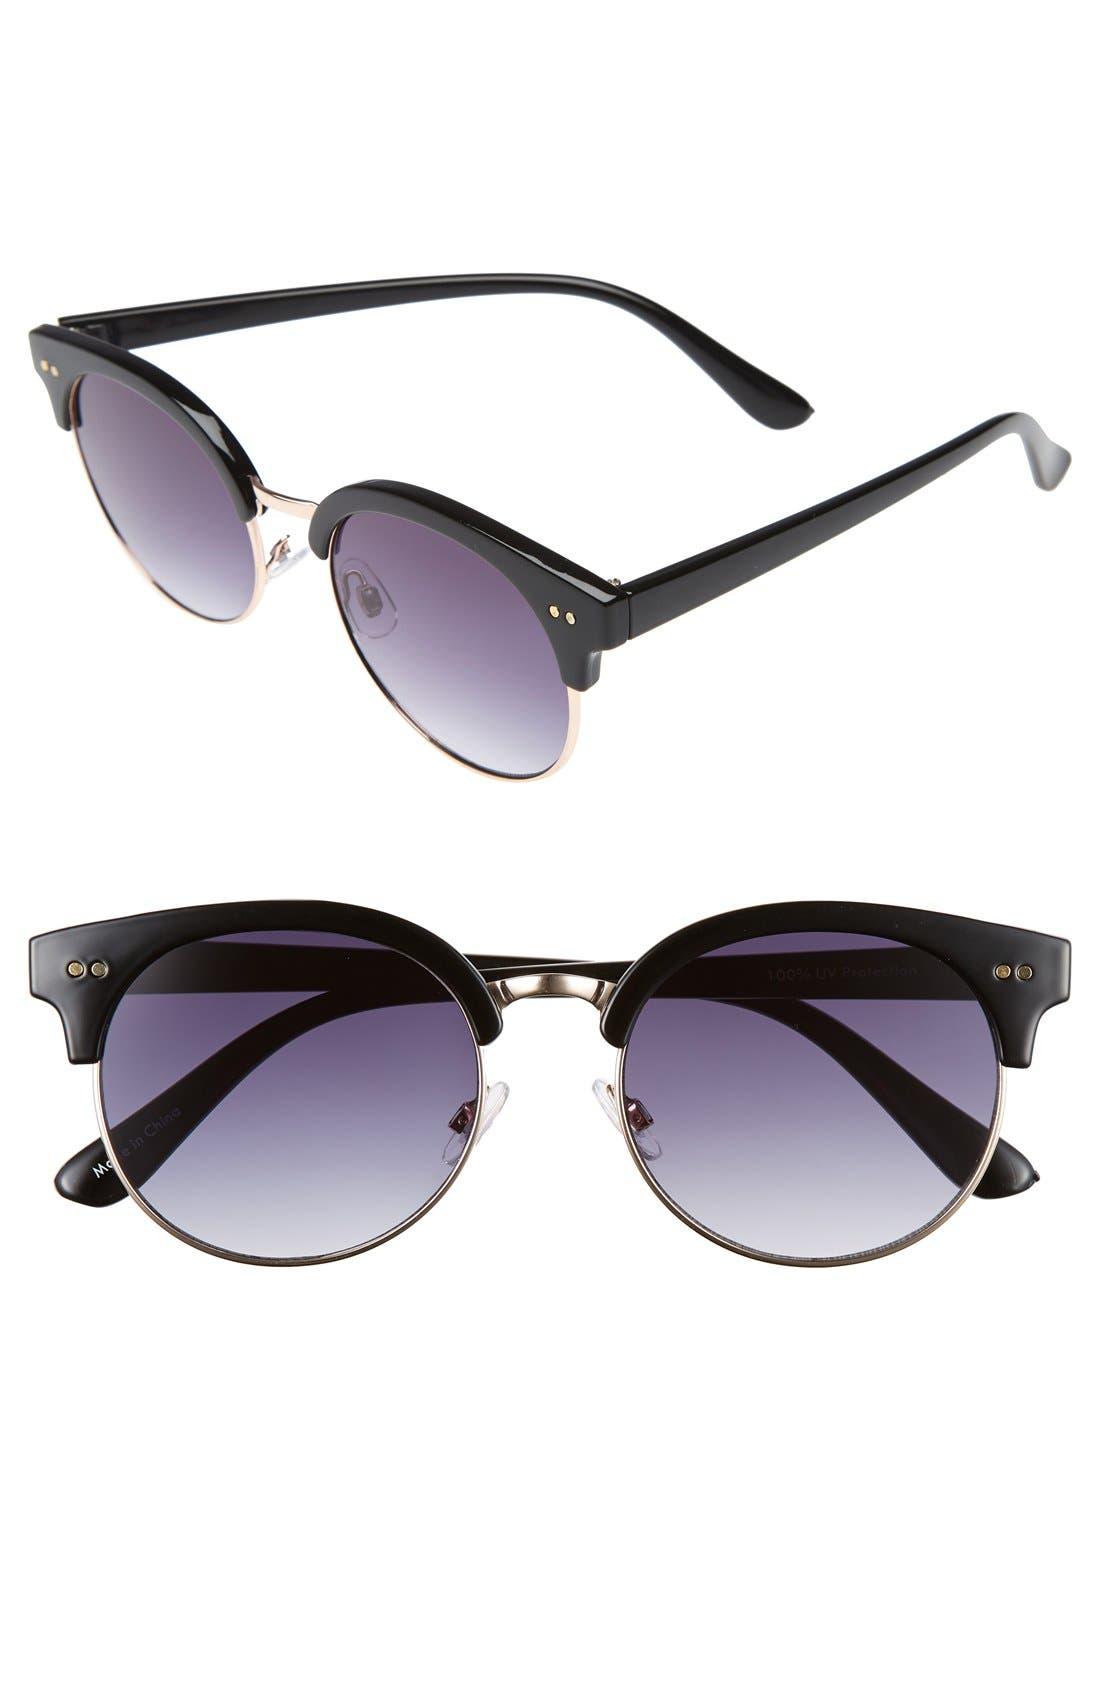 Alternate Image 1 Selected - BP. 55mm Sunglasses